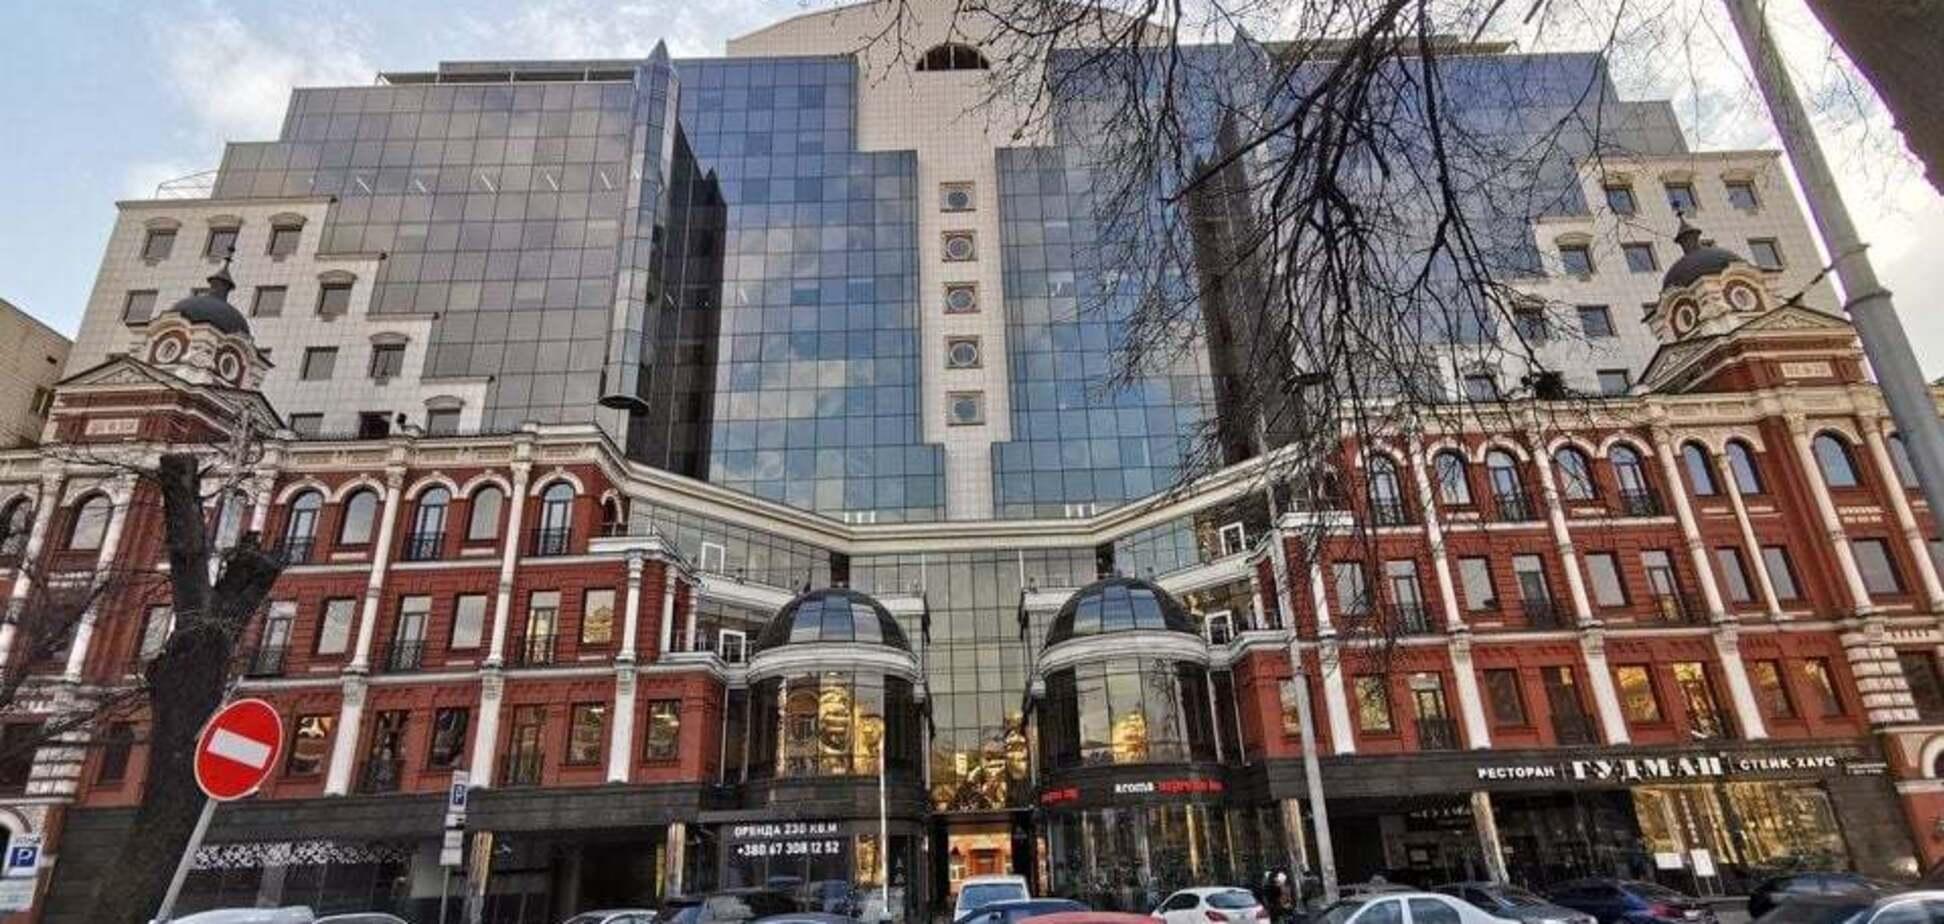 Бізнес-центр 'Євразія' на столичній вулиці Жилянська, 75, збудовано у 2001 році